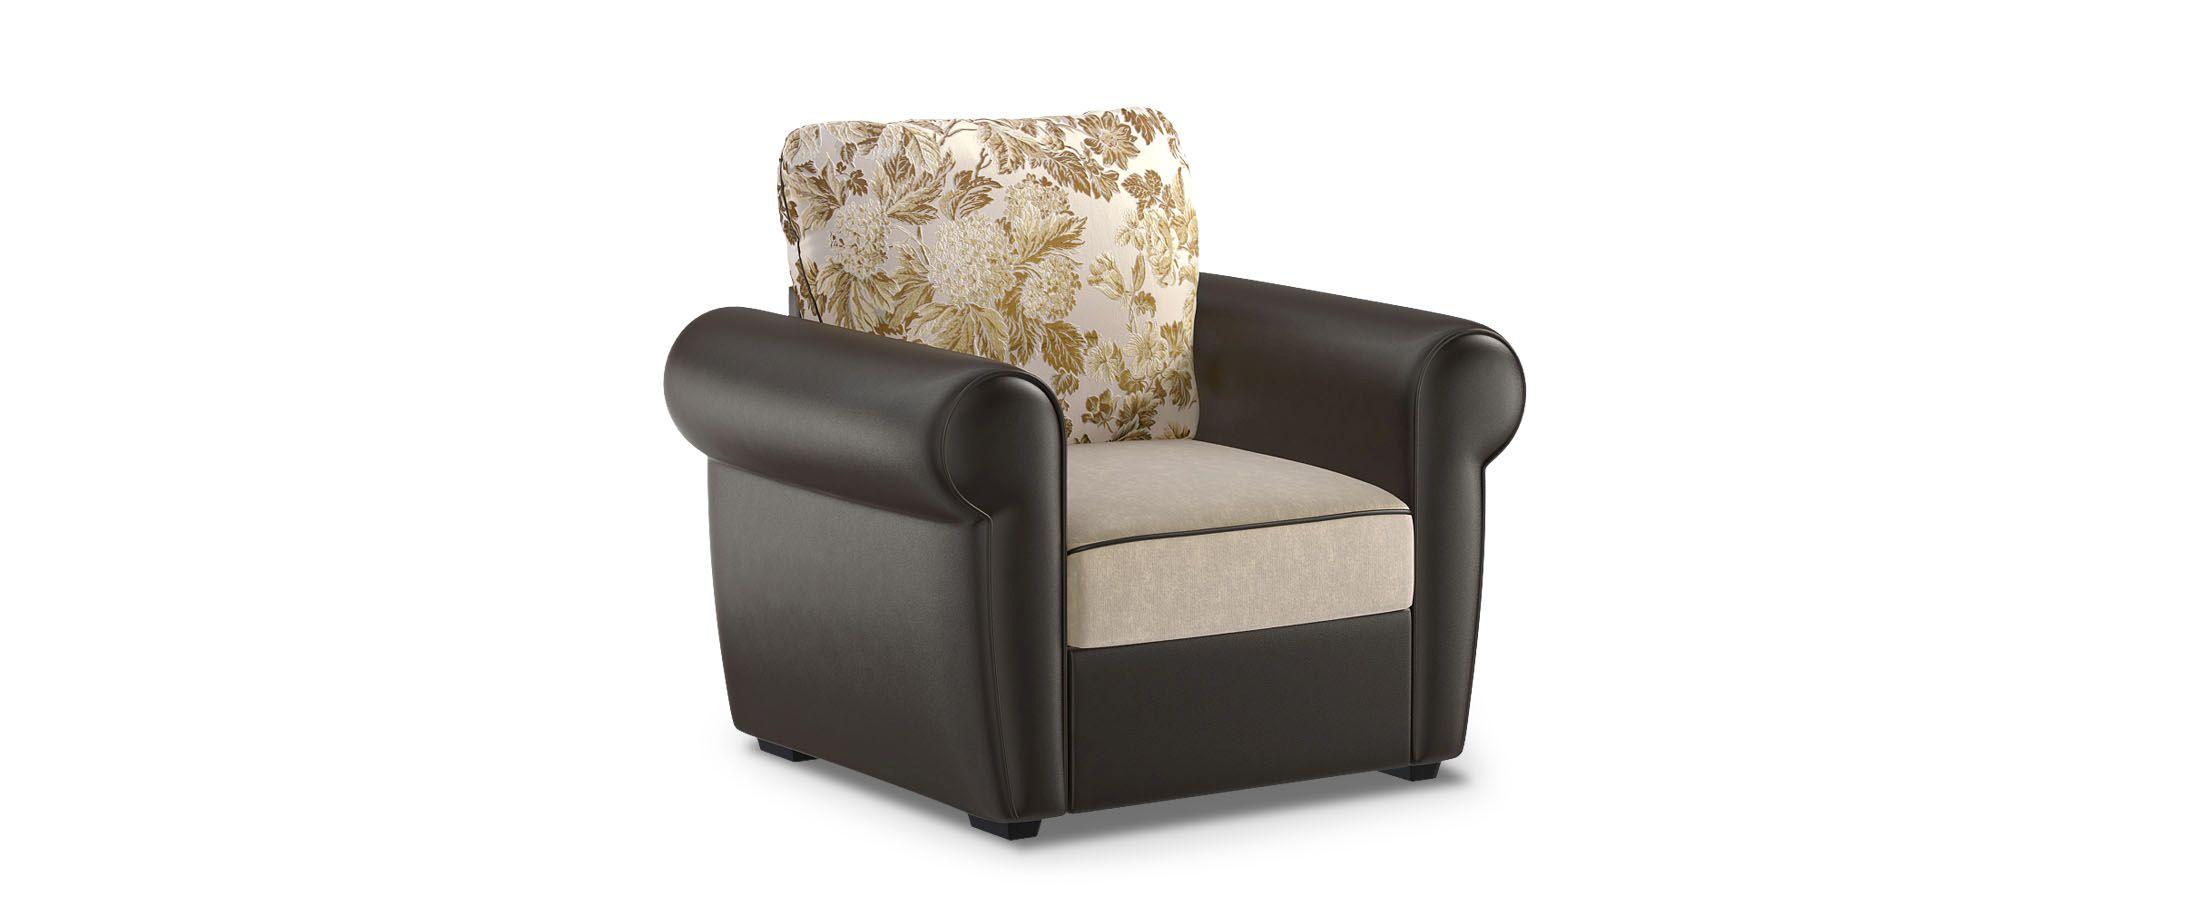 Кресло тканевое Рейн 123Купить бежевое кресло Рейн 123. Доставка от 1 дня. Подъём, сборка, вынос упаковки. Гарантия 18 месяцев. Интернет-магазин мебели MOON TRADE.<br>